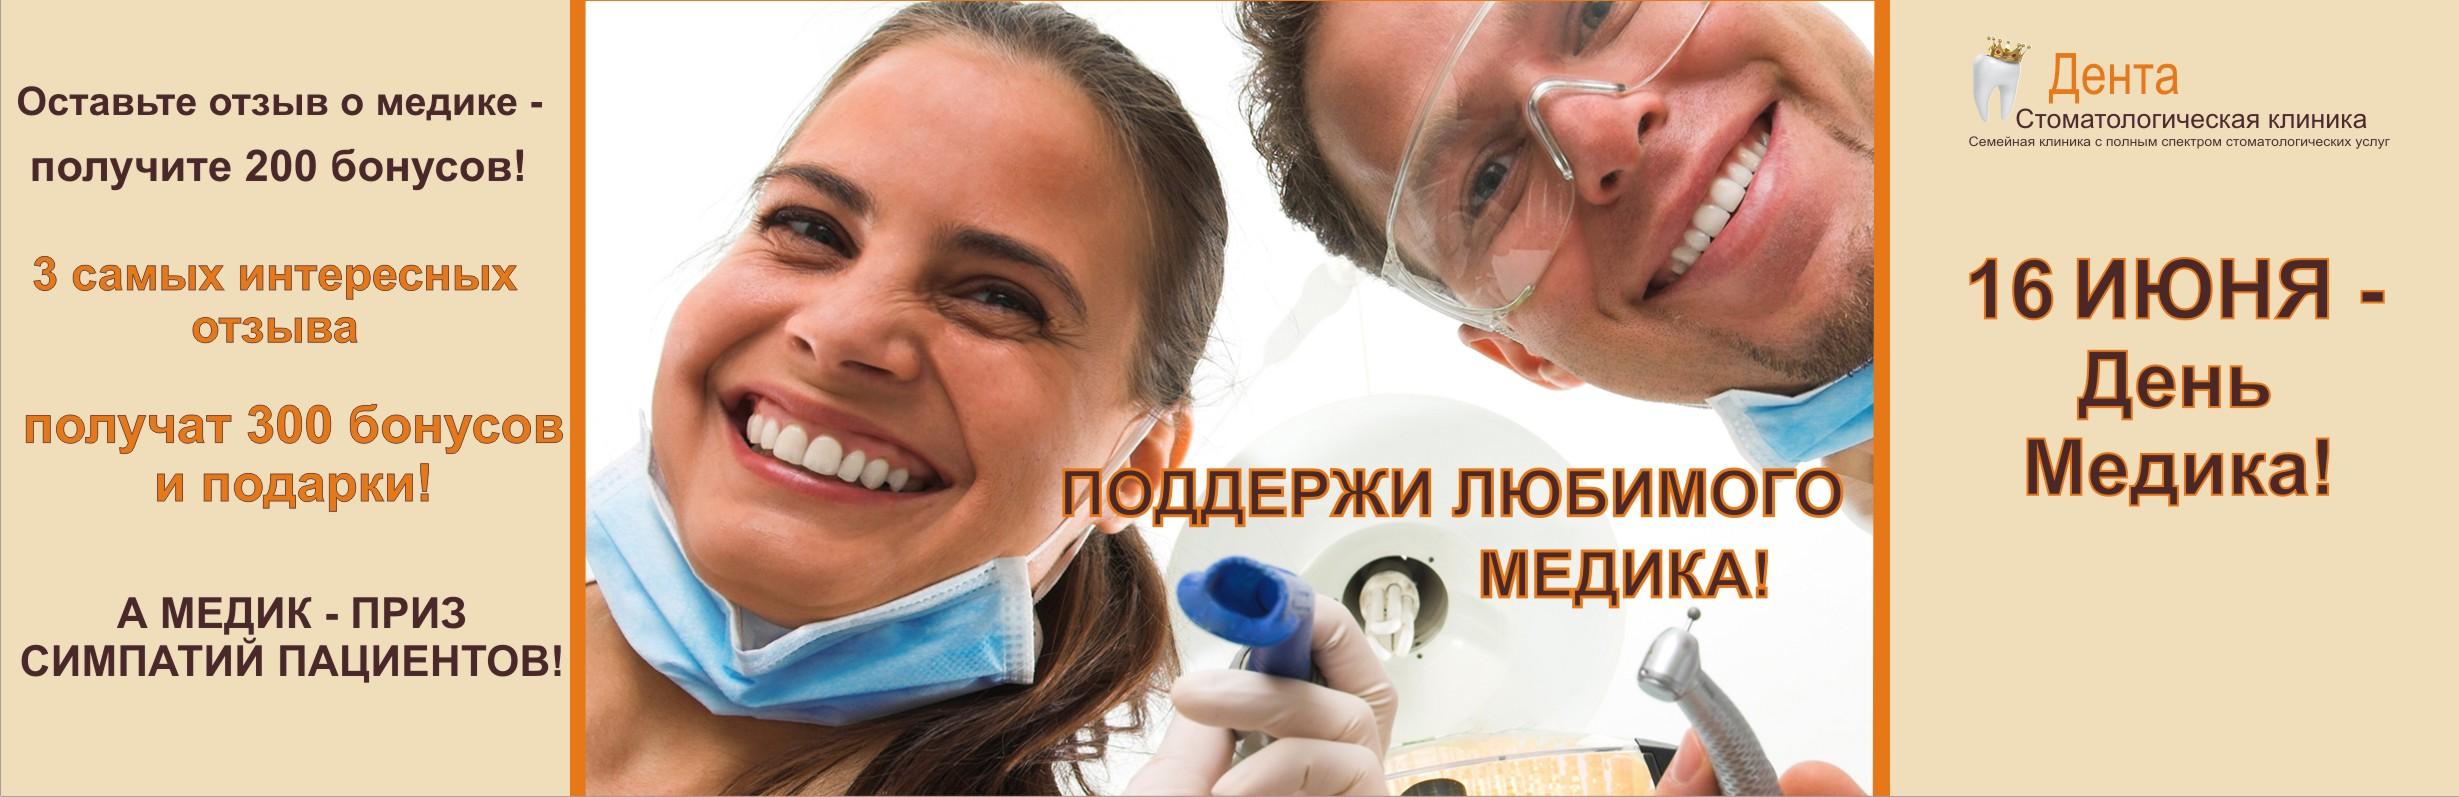 16 июня – День Медика!